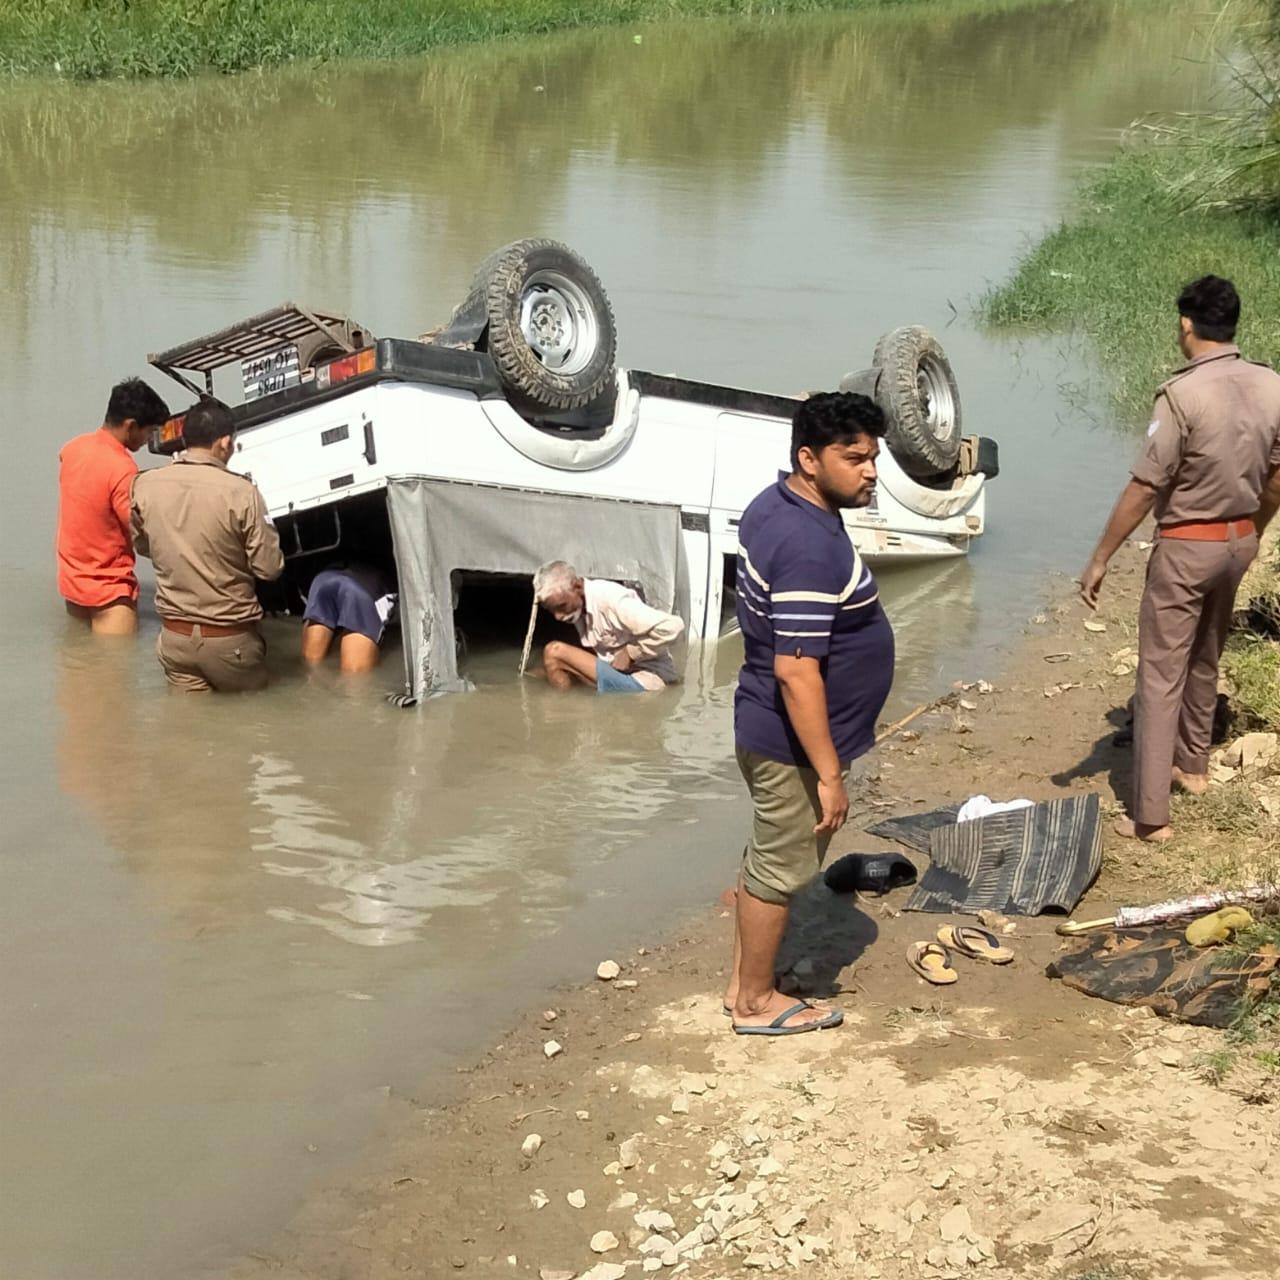 एसएसपी की एस्कॉर्ट गाड़ी बाइक सवार को बचाने के चक्कर मे पलट गई। इस हादसे में 4 पुलिस कर्मी घायल हो गए - Dainik Bhaskar